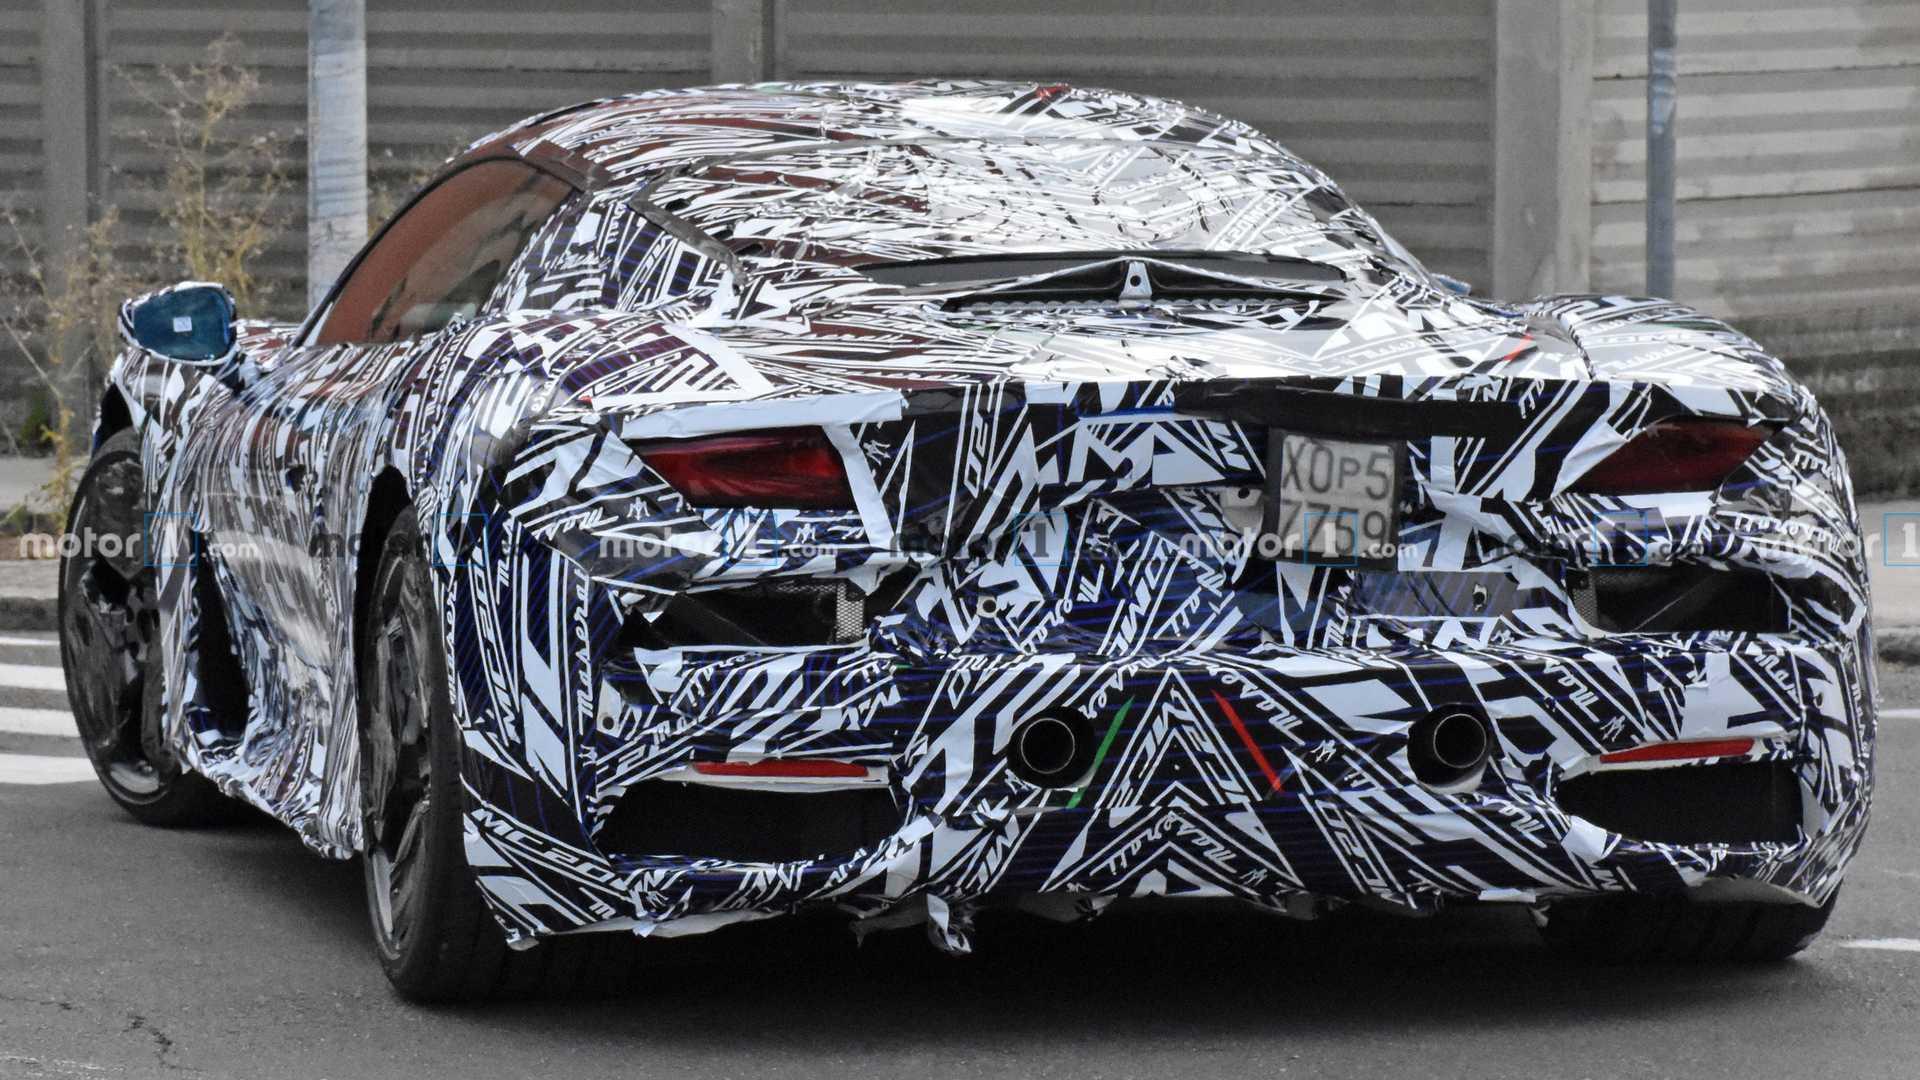 2020 - [Maserati] MC20 - Page 4 2021-maserati-mc20-spy-photo